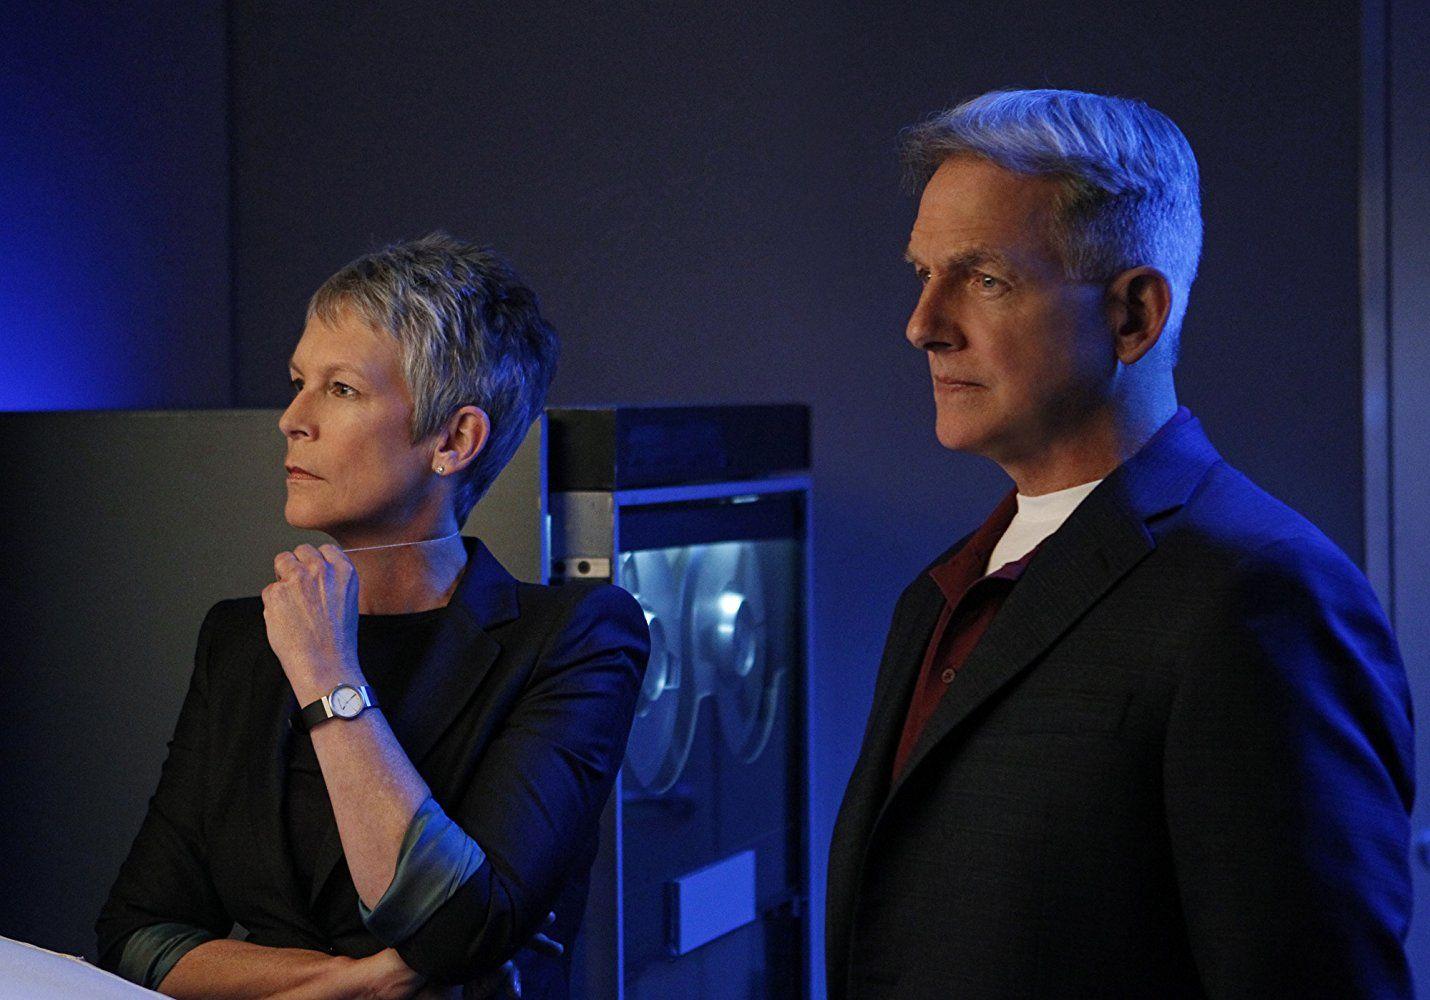 Jamie Lee Curtis and Mark Harmon on NCIS.